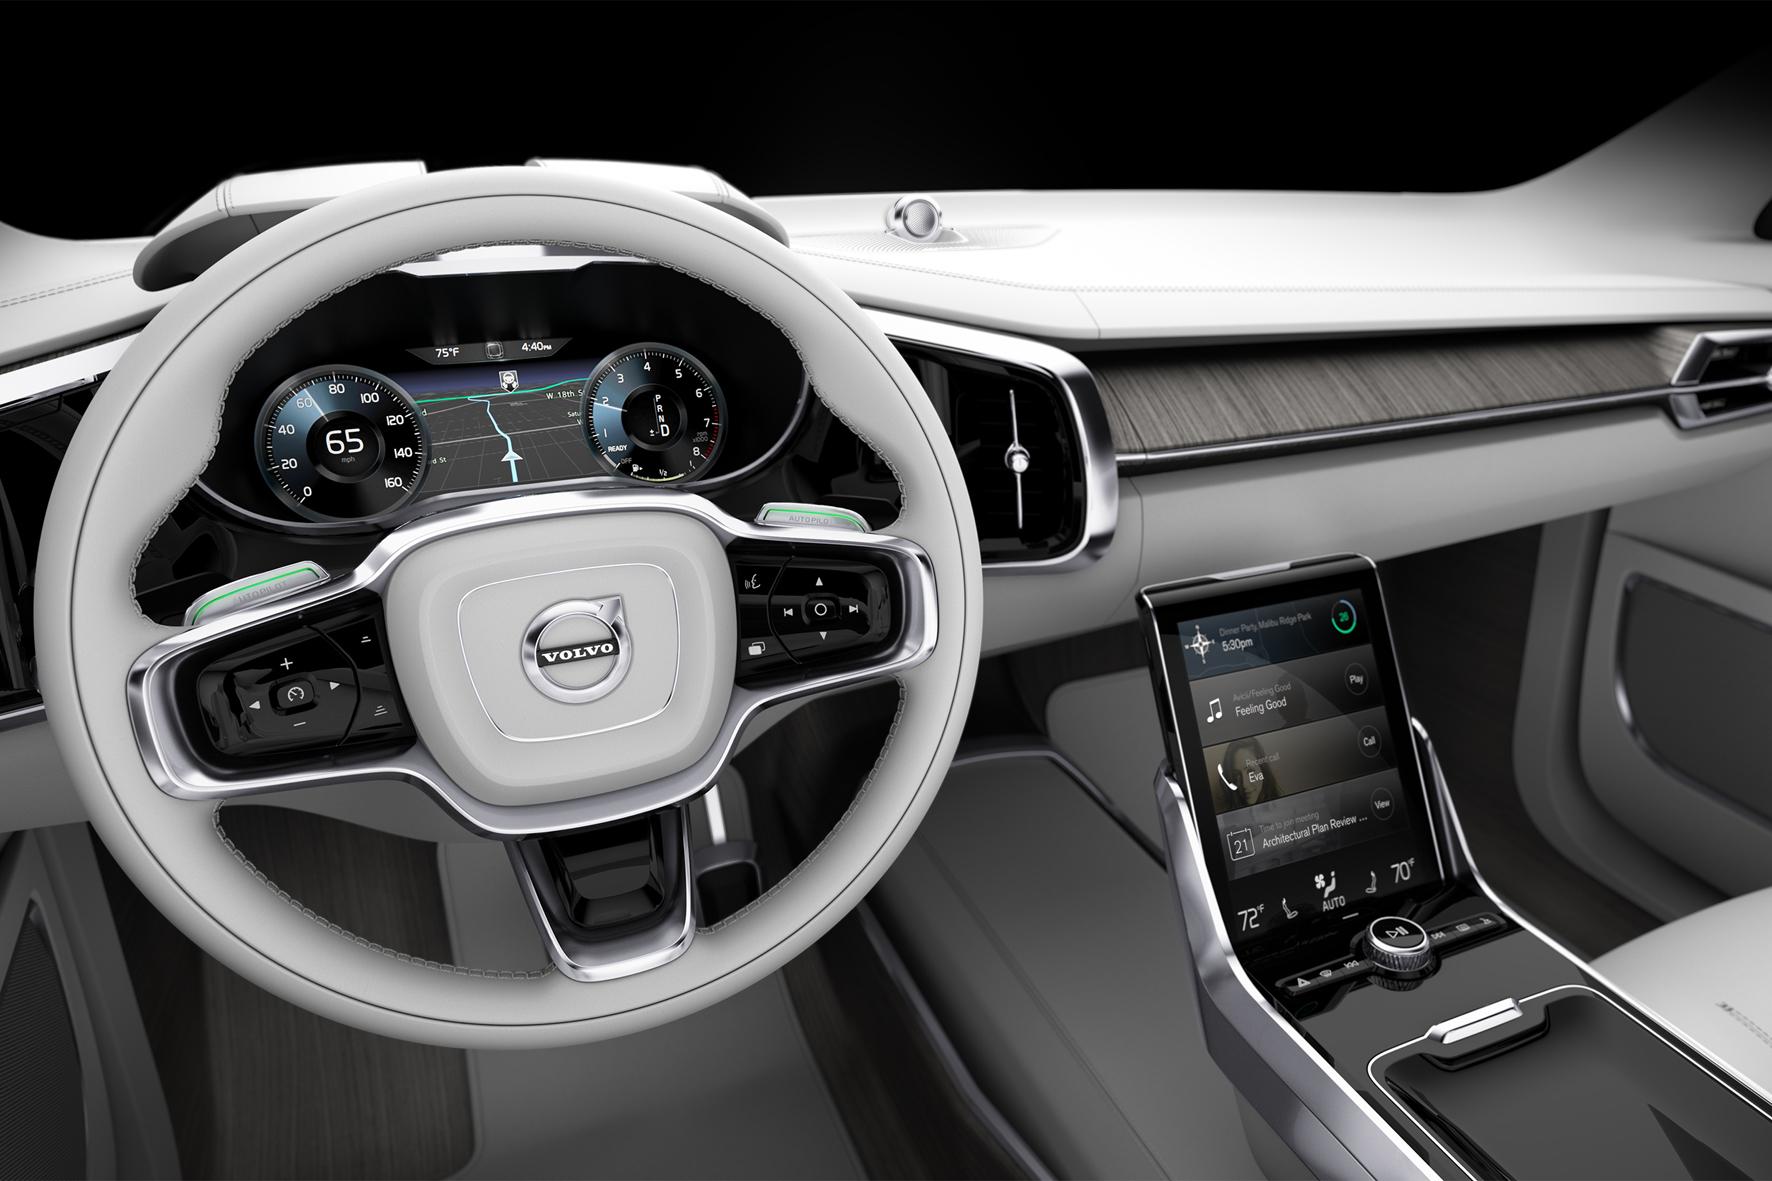 mid Düsseldorf - Wenn Autos autonom fahren, wirkt sich das auch auf die Bedürfnisse der Nutzer aus. Mit der Innenraum-Studie Commute 26 zeigt Volvo, wie das Interieur der Zukunft aussehen könnte.